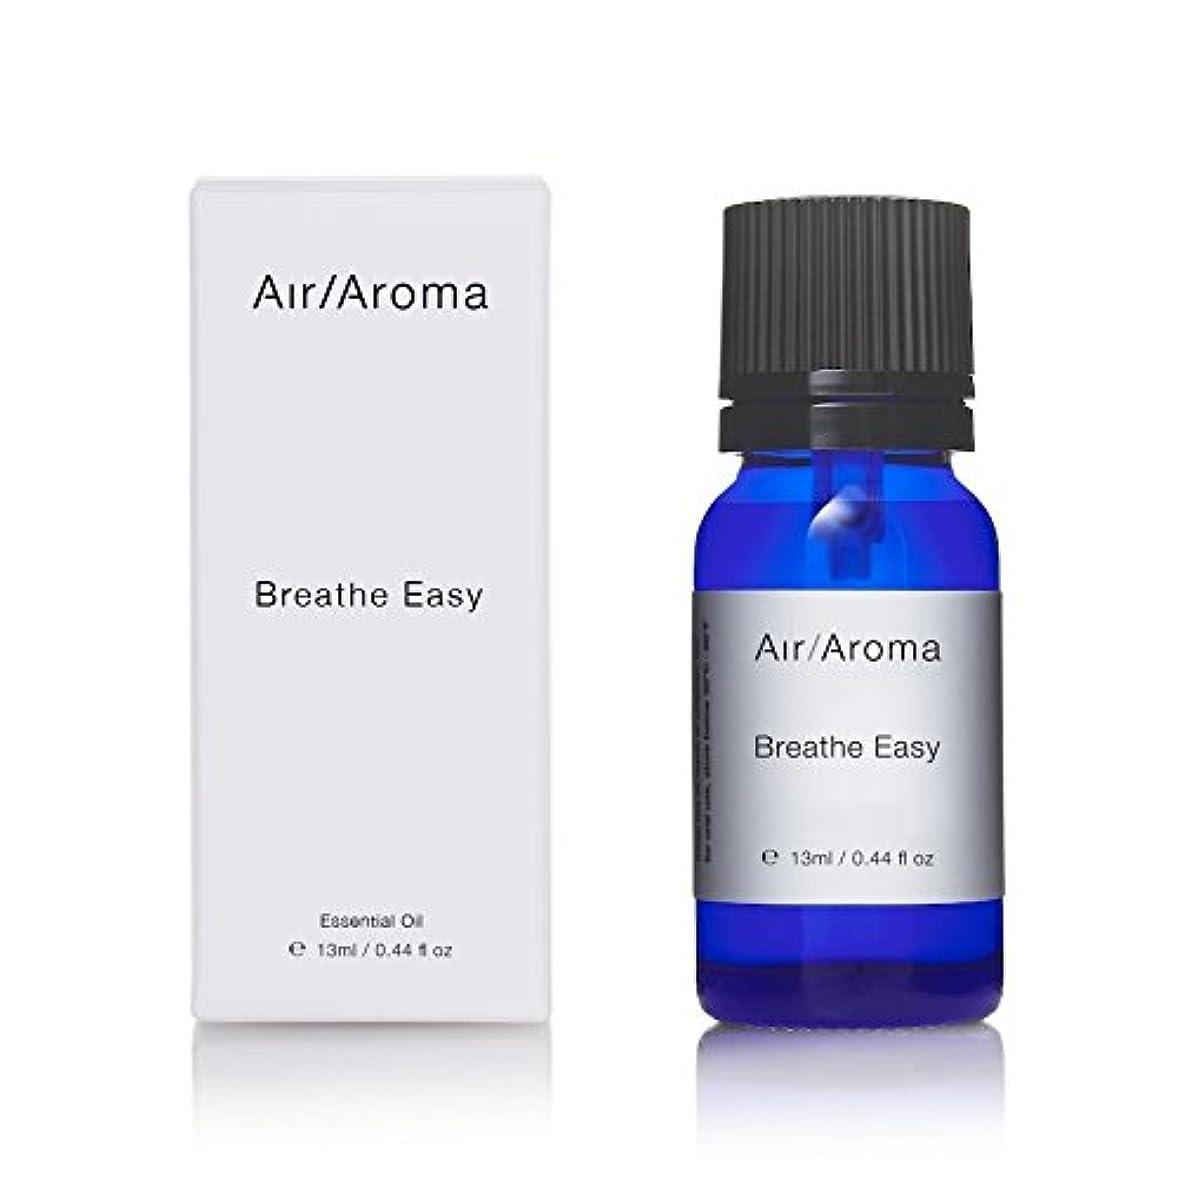 簡略化する範囲逆説エアアロマ breathe easy (ブレスイージー) 13ml